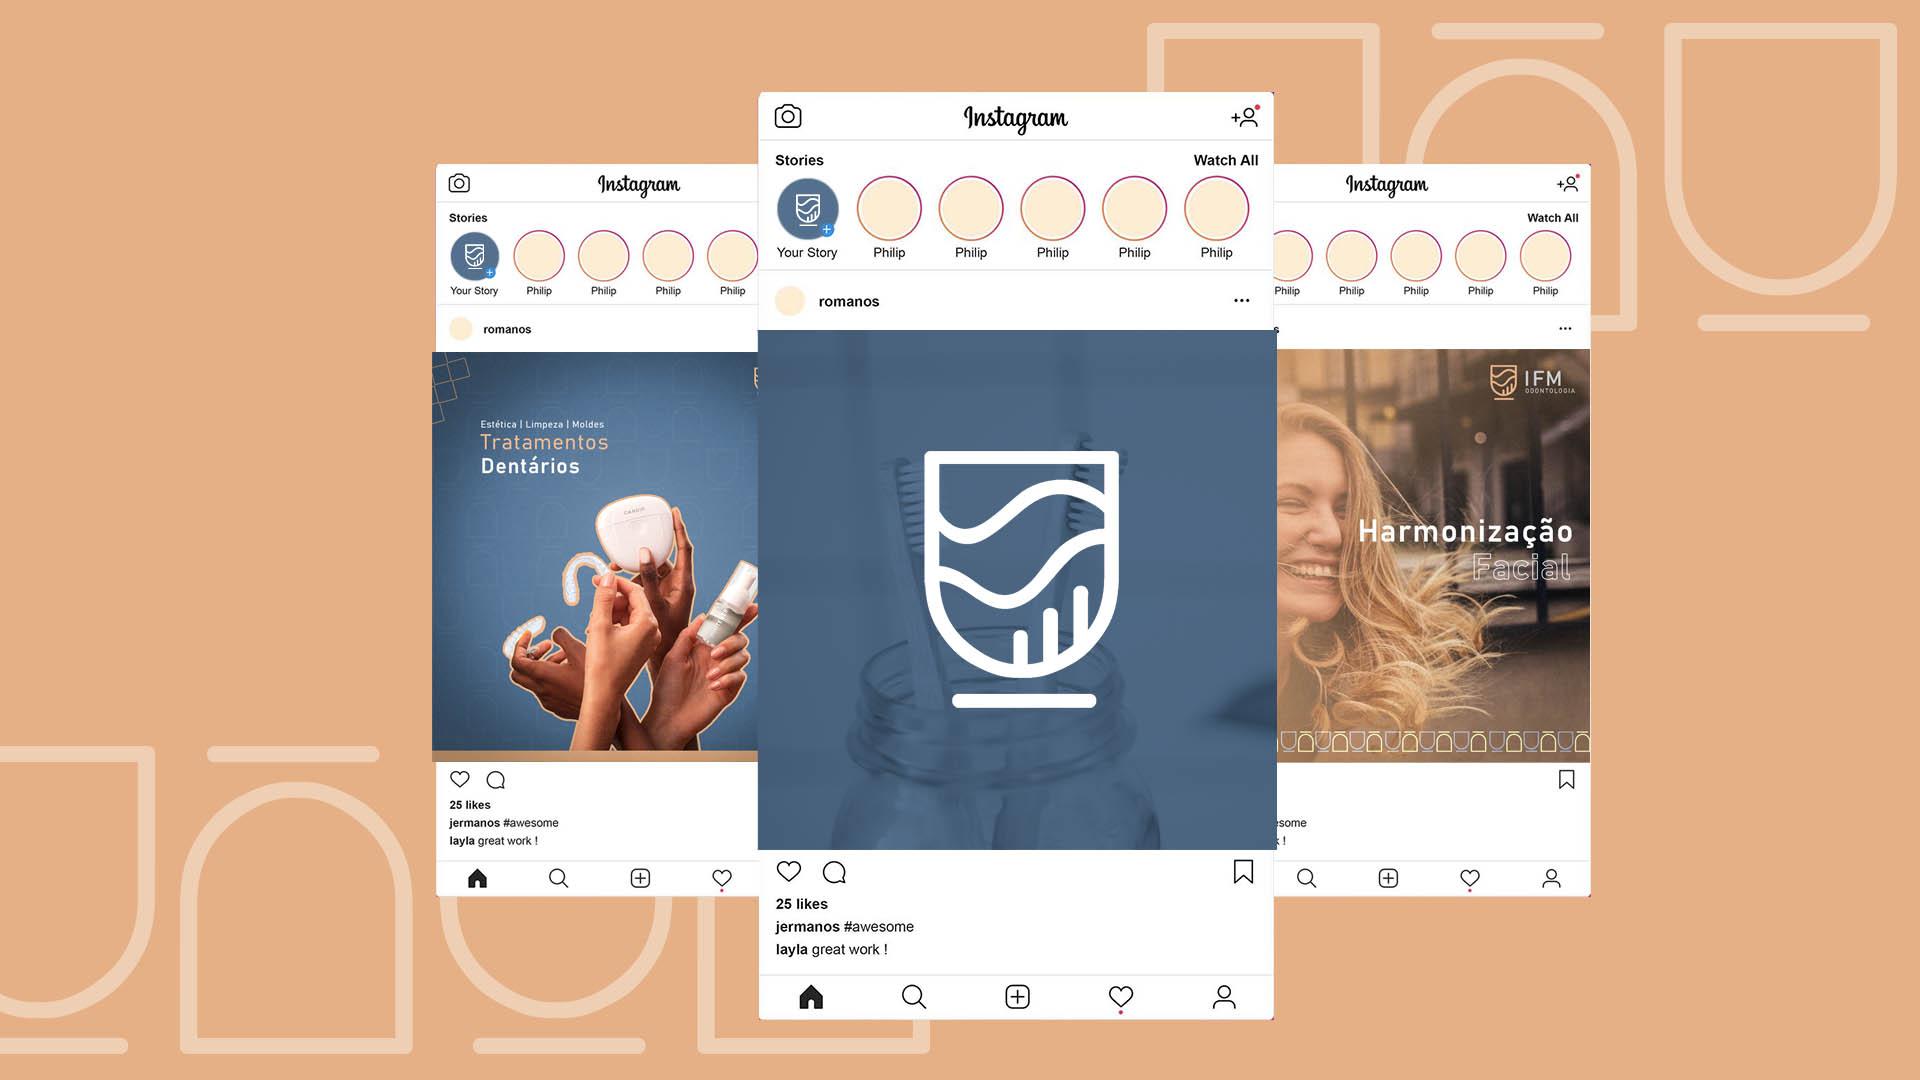 IFM Social Media